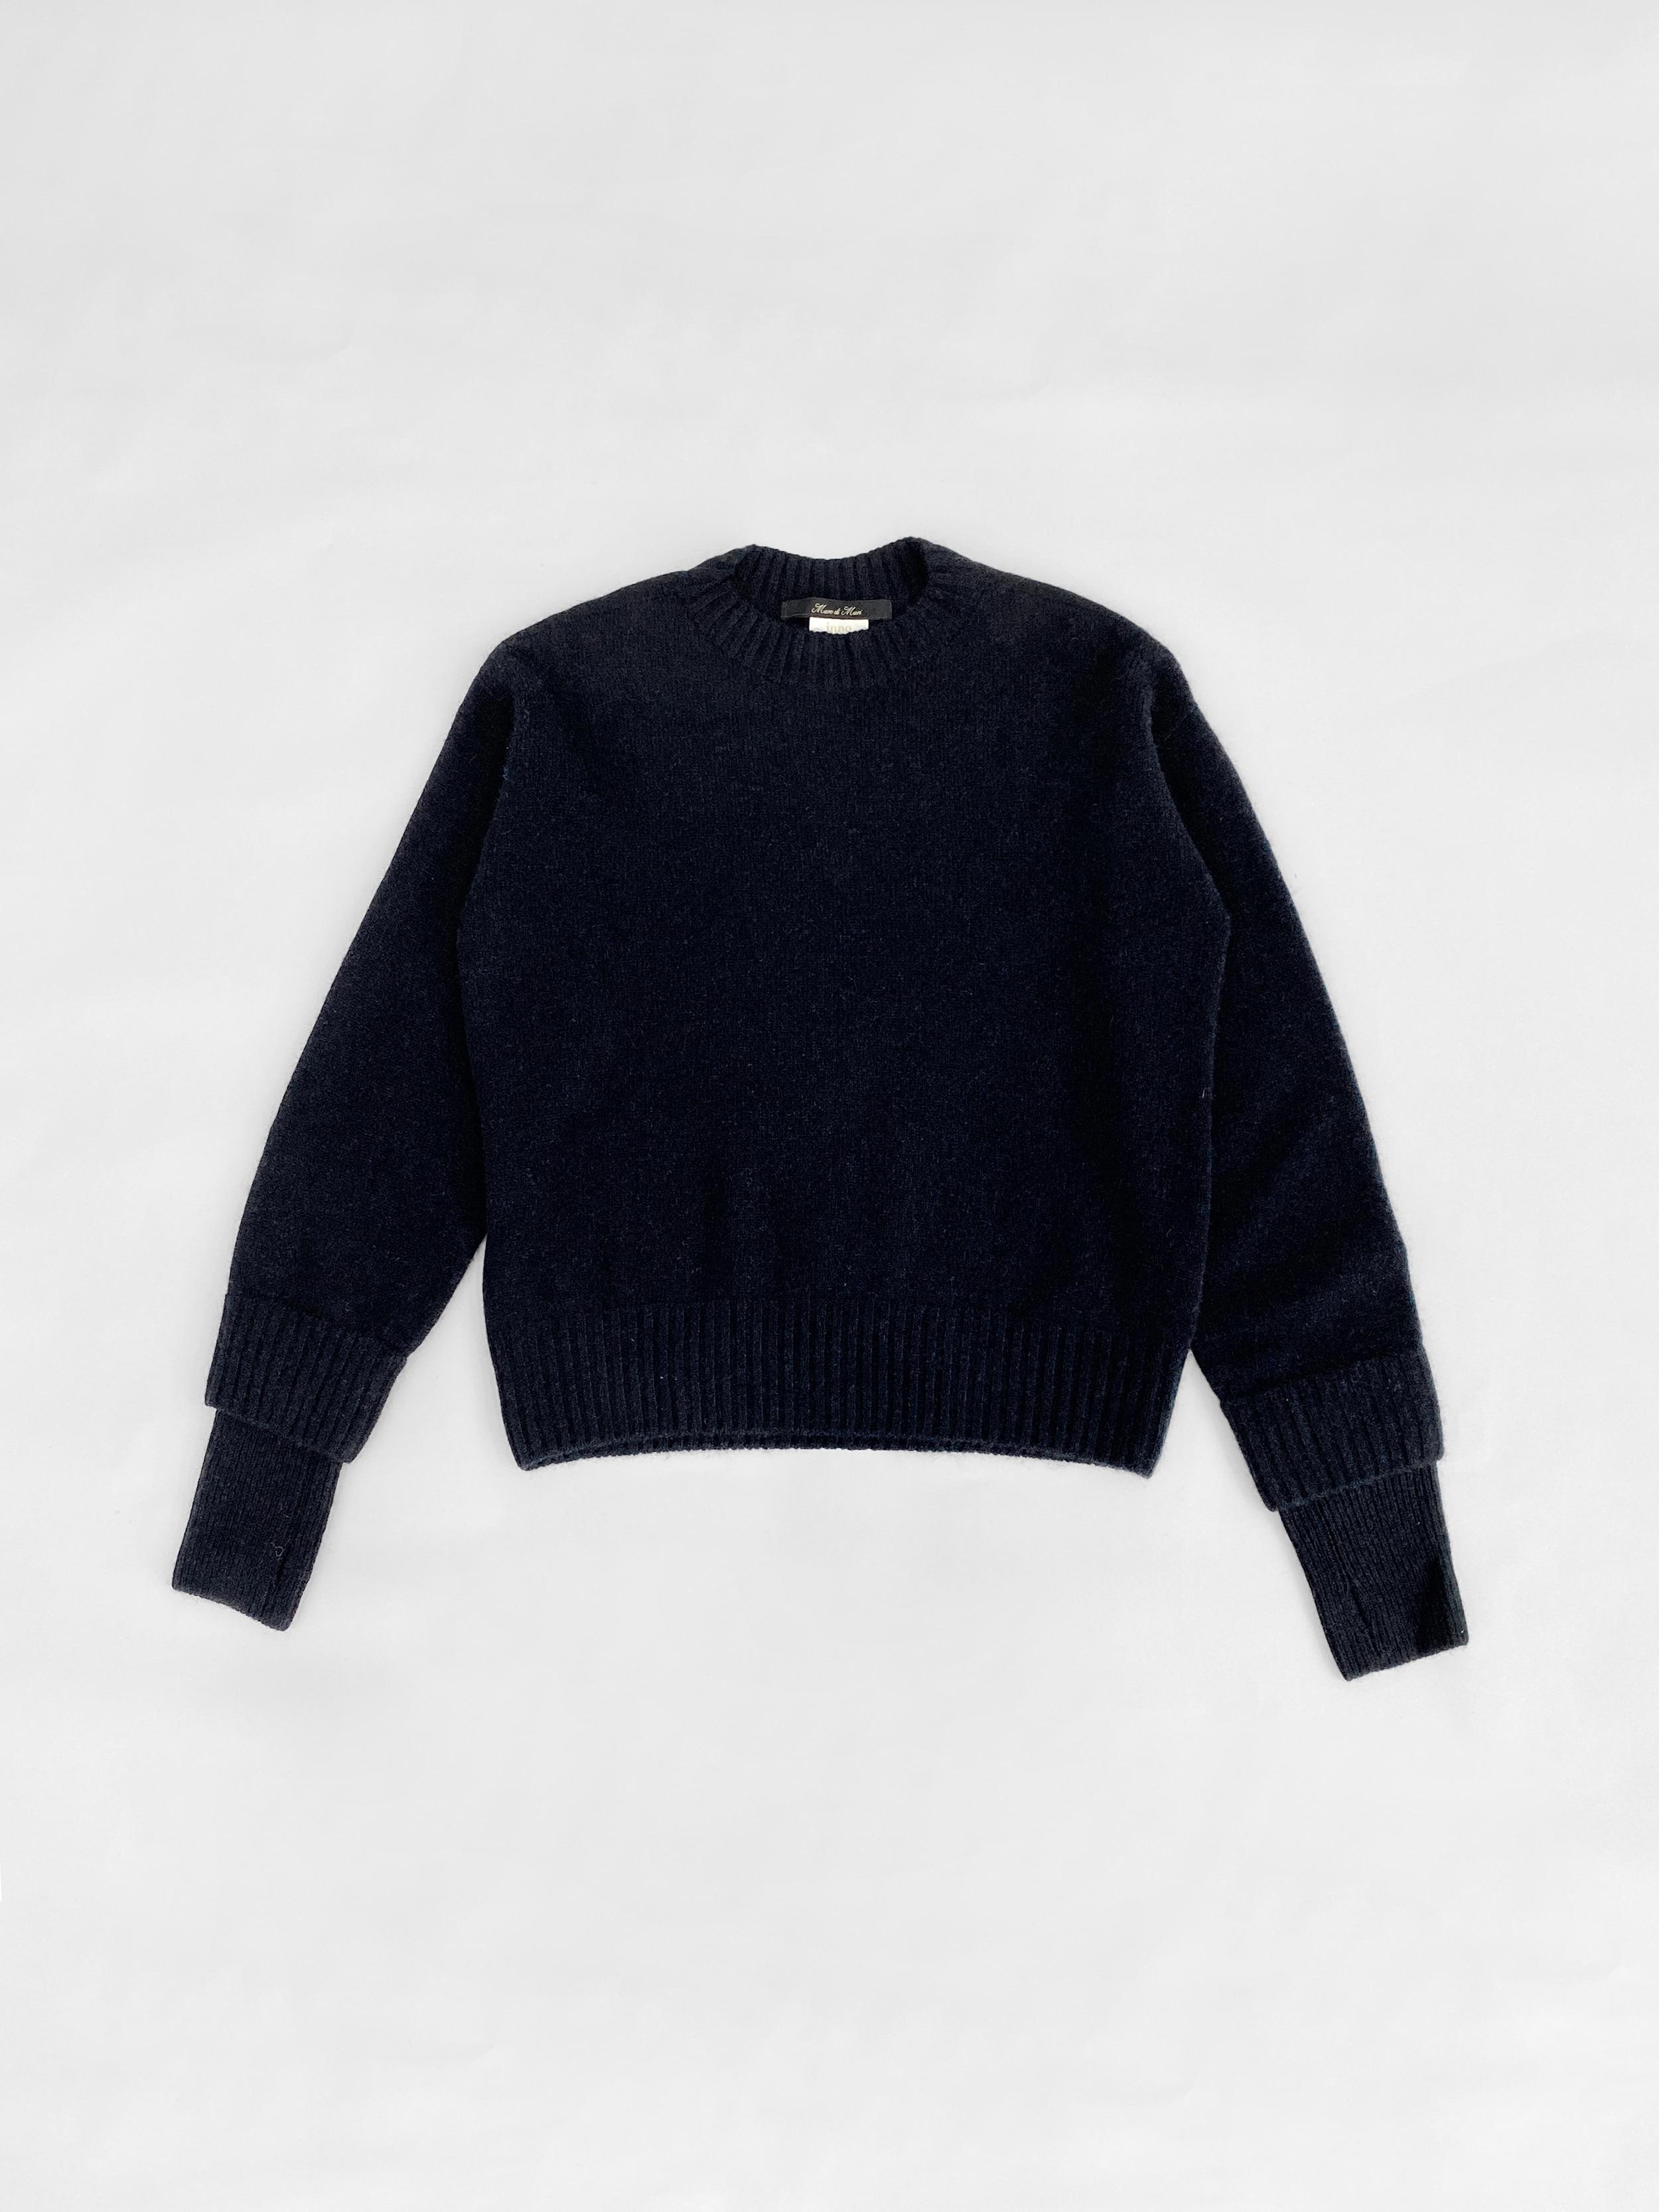 Loropiana Cashmere 100% Roundneck Pullover